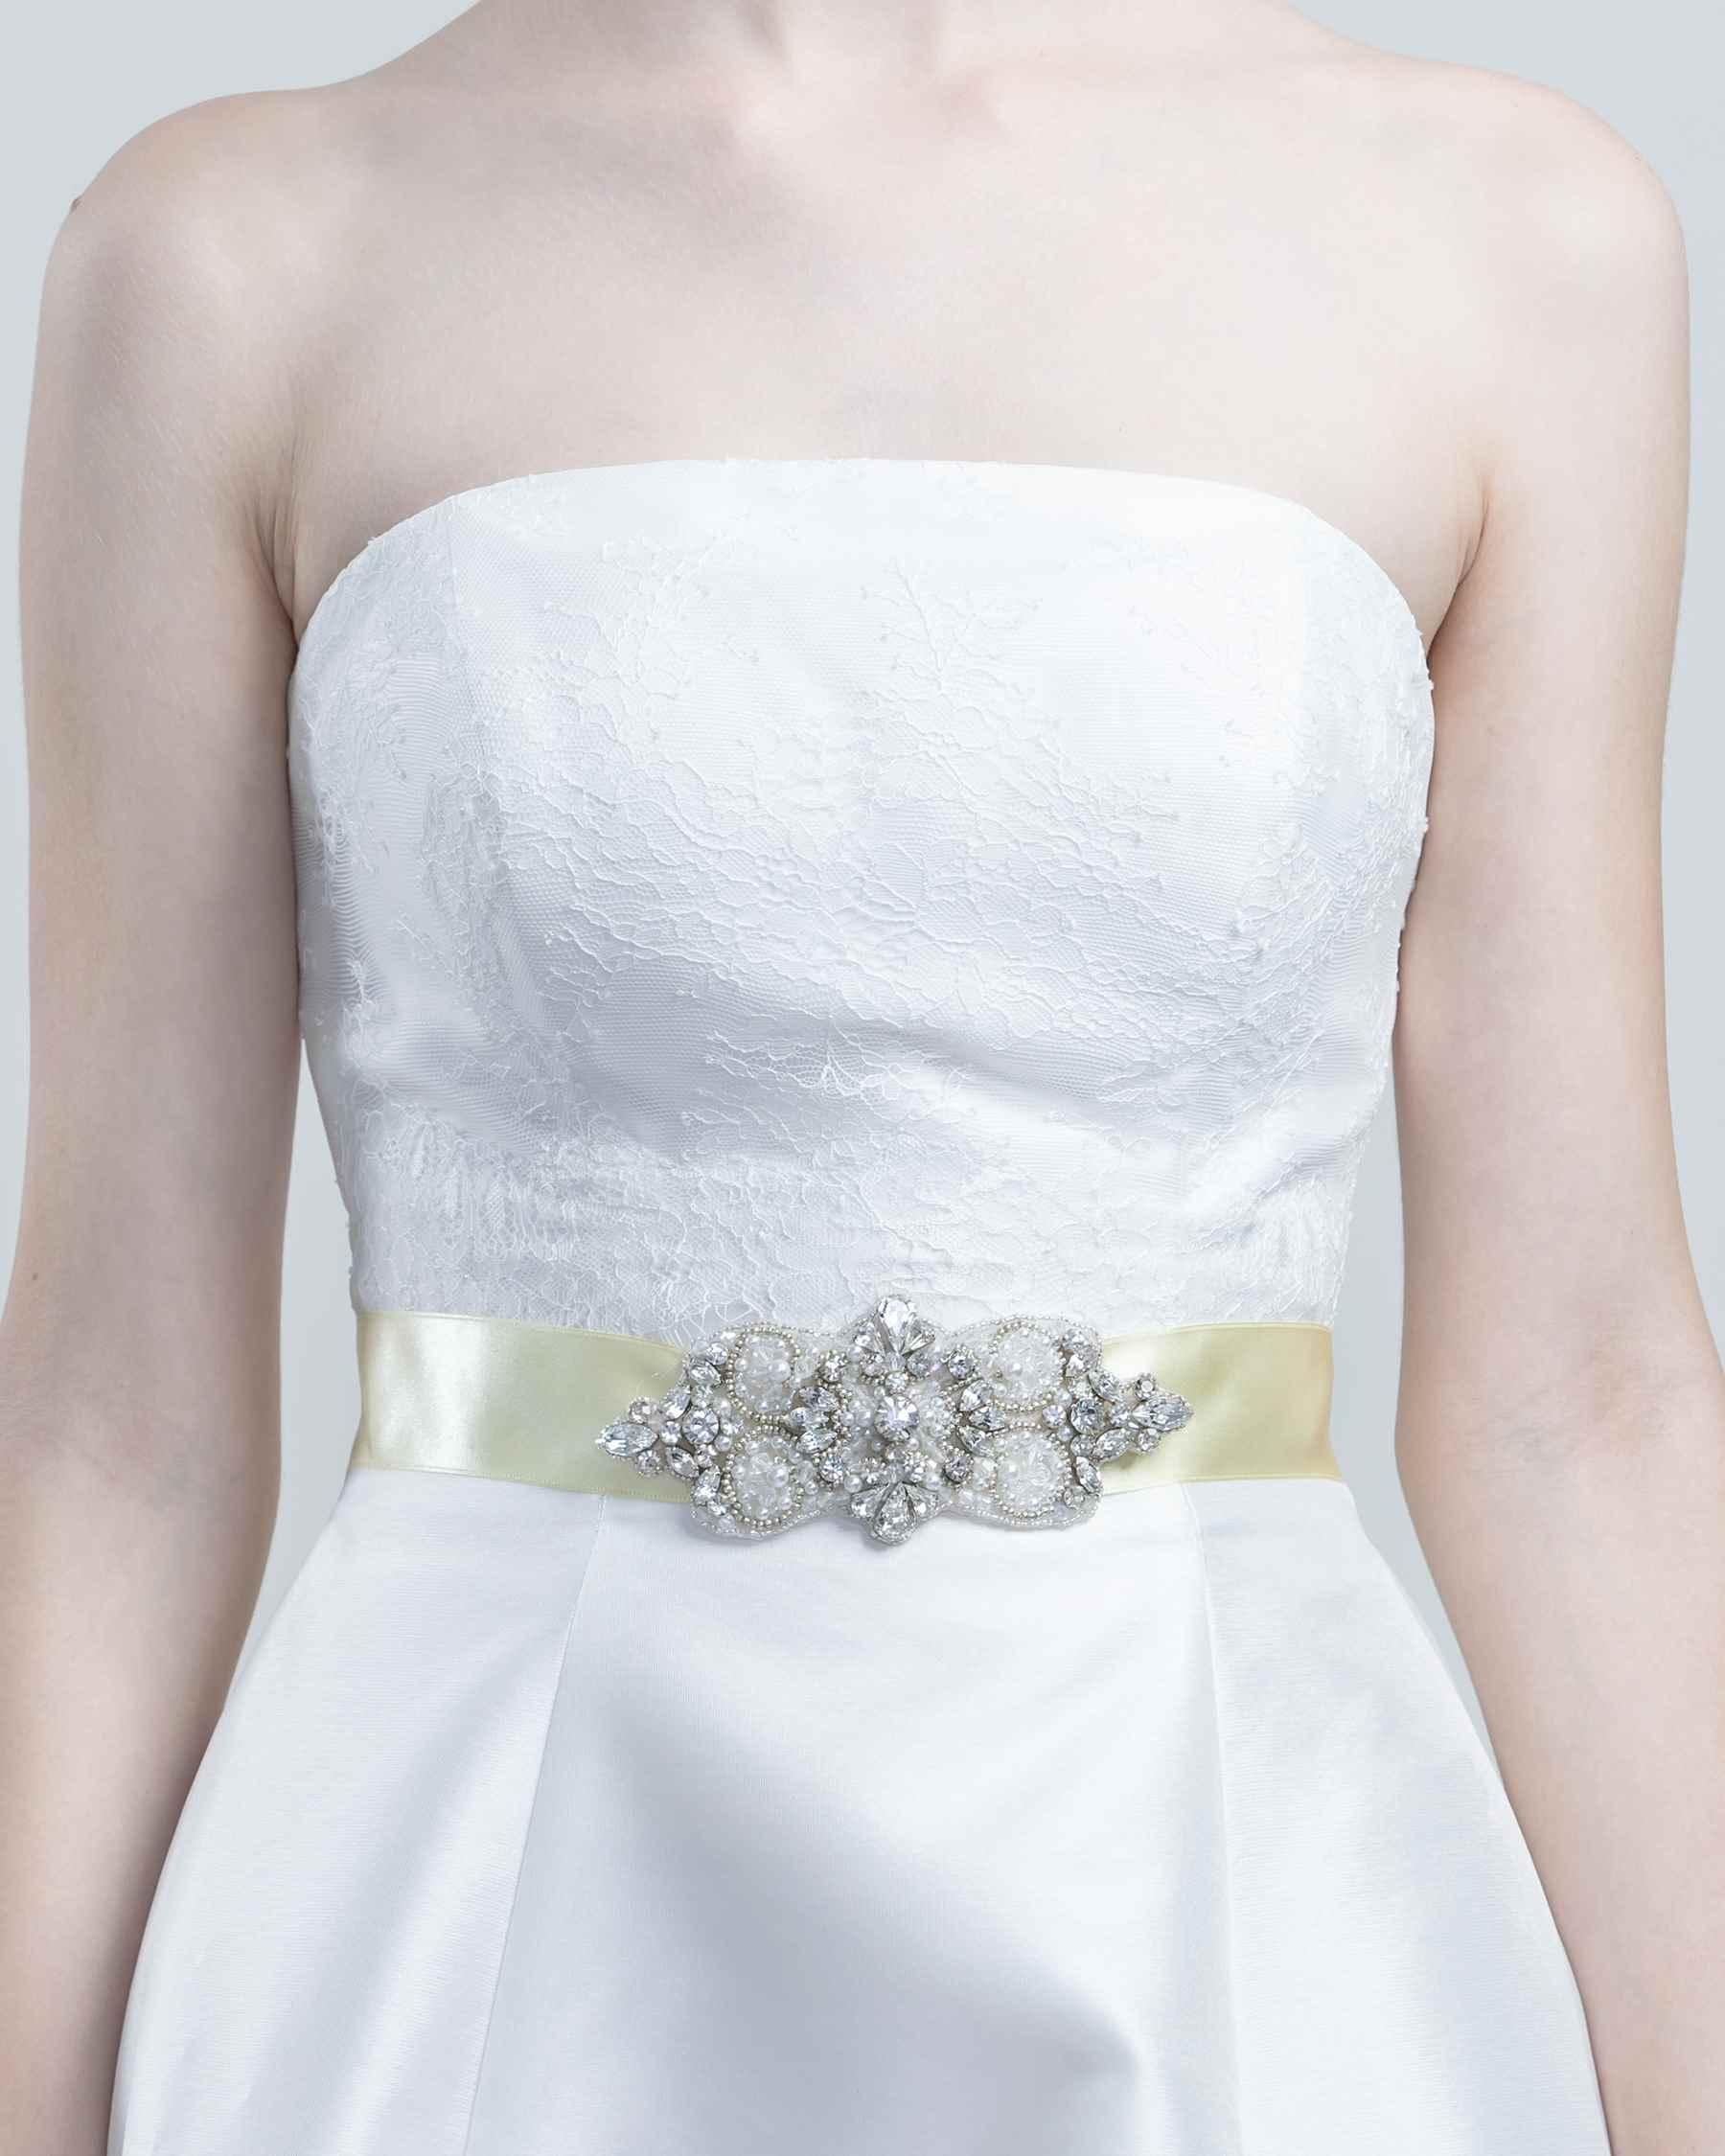 74b43859a0a88 二次会ドレスはネットで簡単レンタル「レントアキューティー」 ビジュー ...